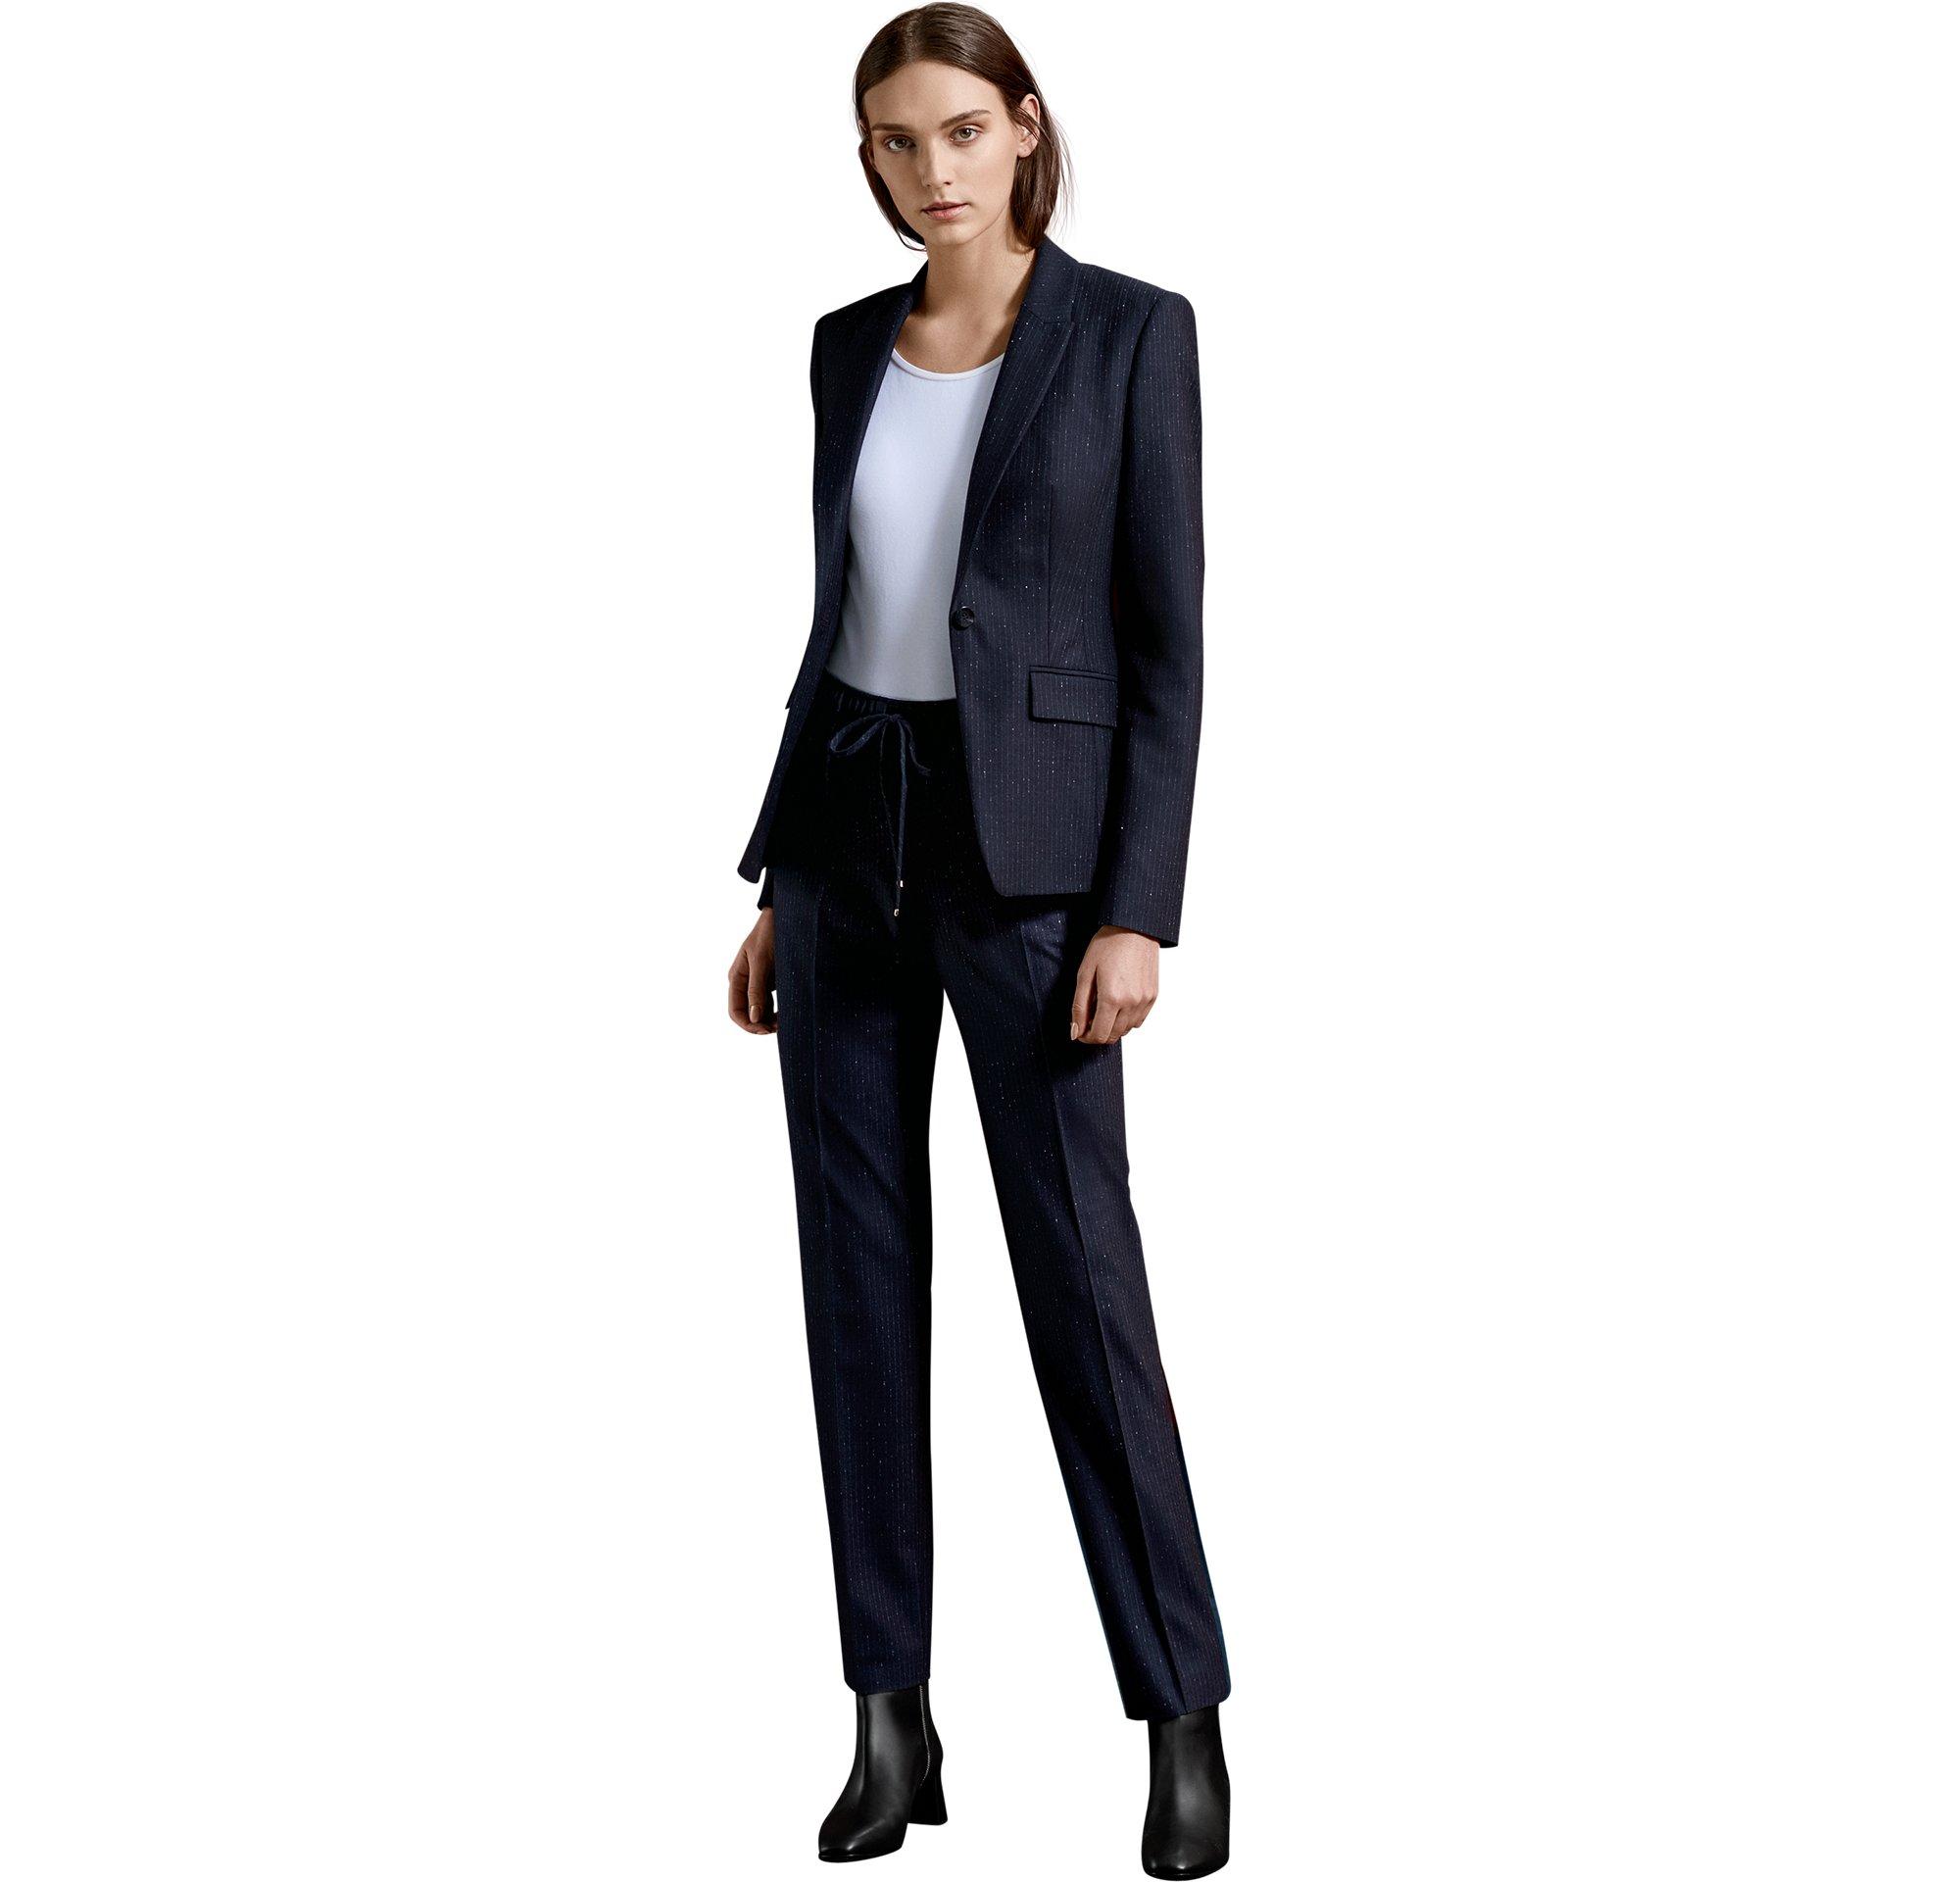 BOSS_Women_CTG_FW17_Look_36,